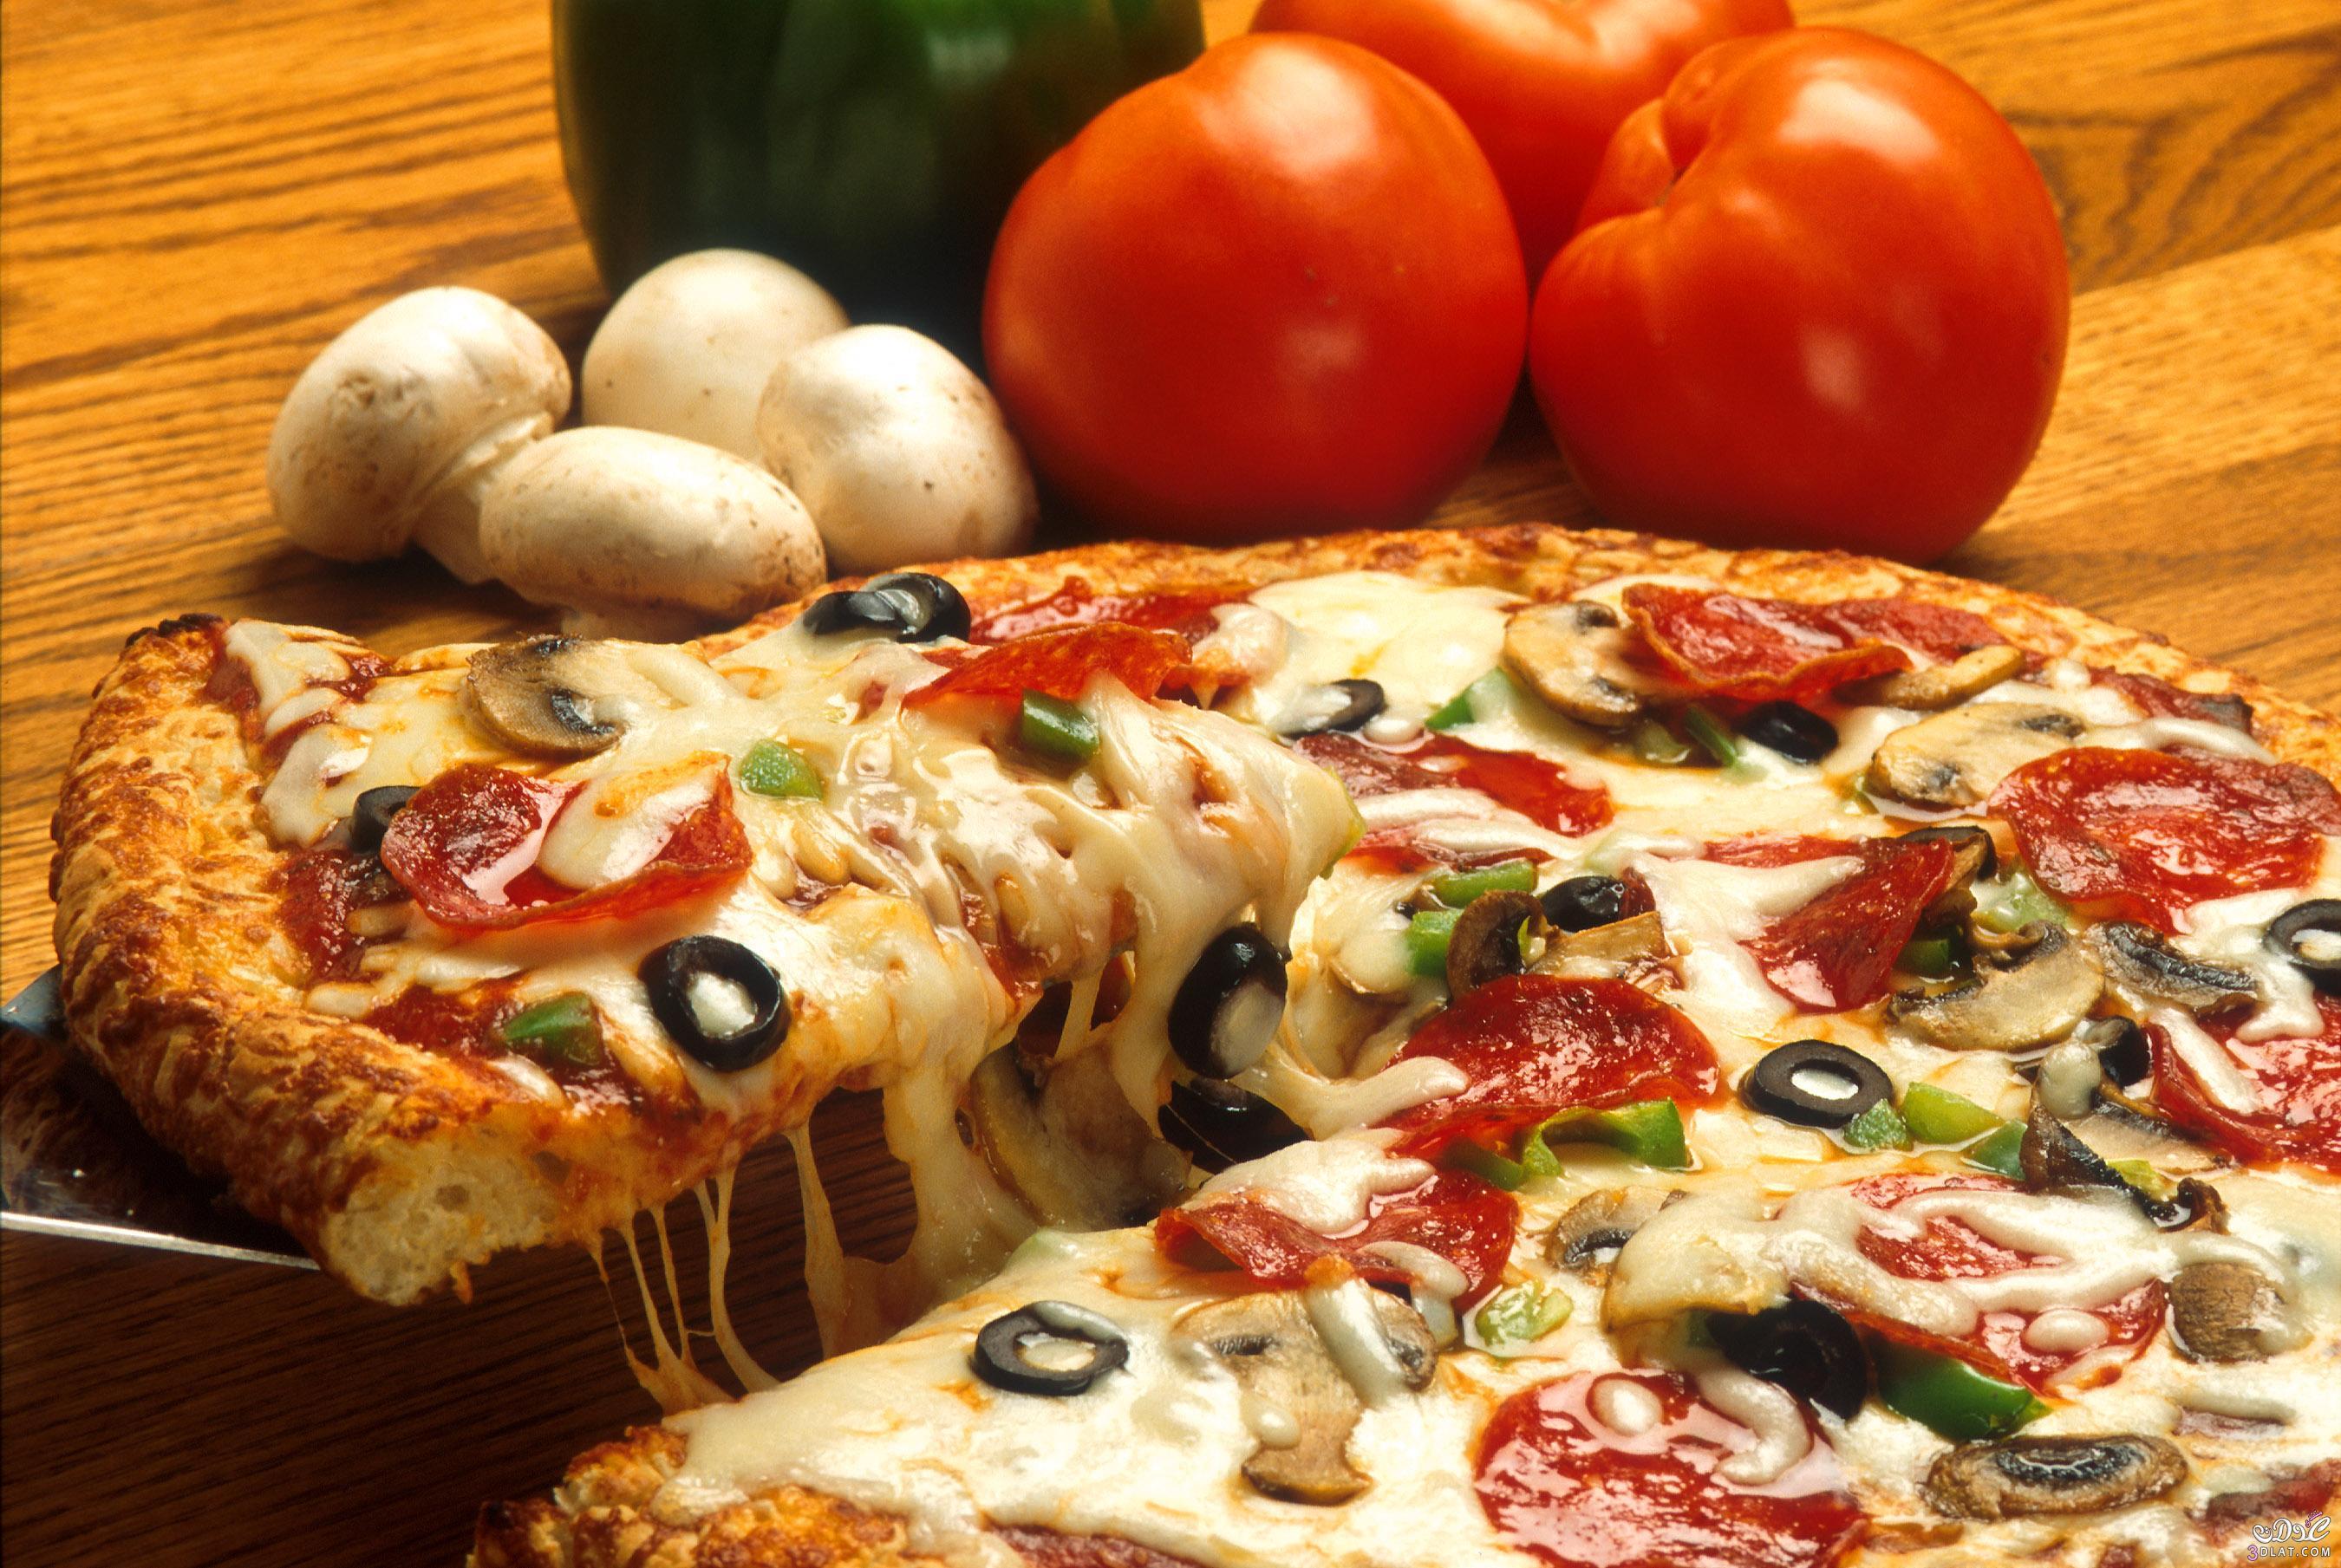 بالصور صور بيتزا , اشكال مختلفة في البيتزا 5351 8